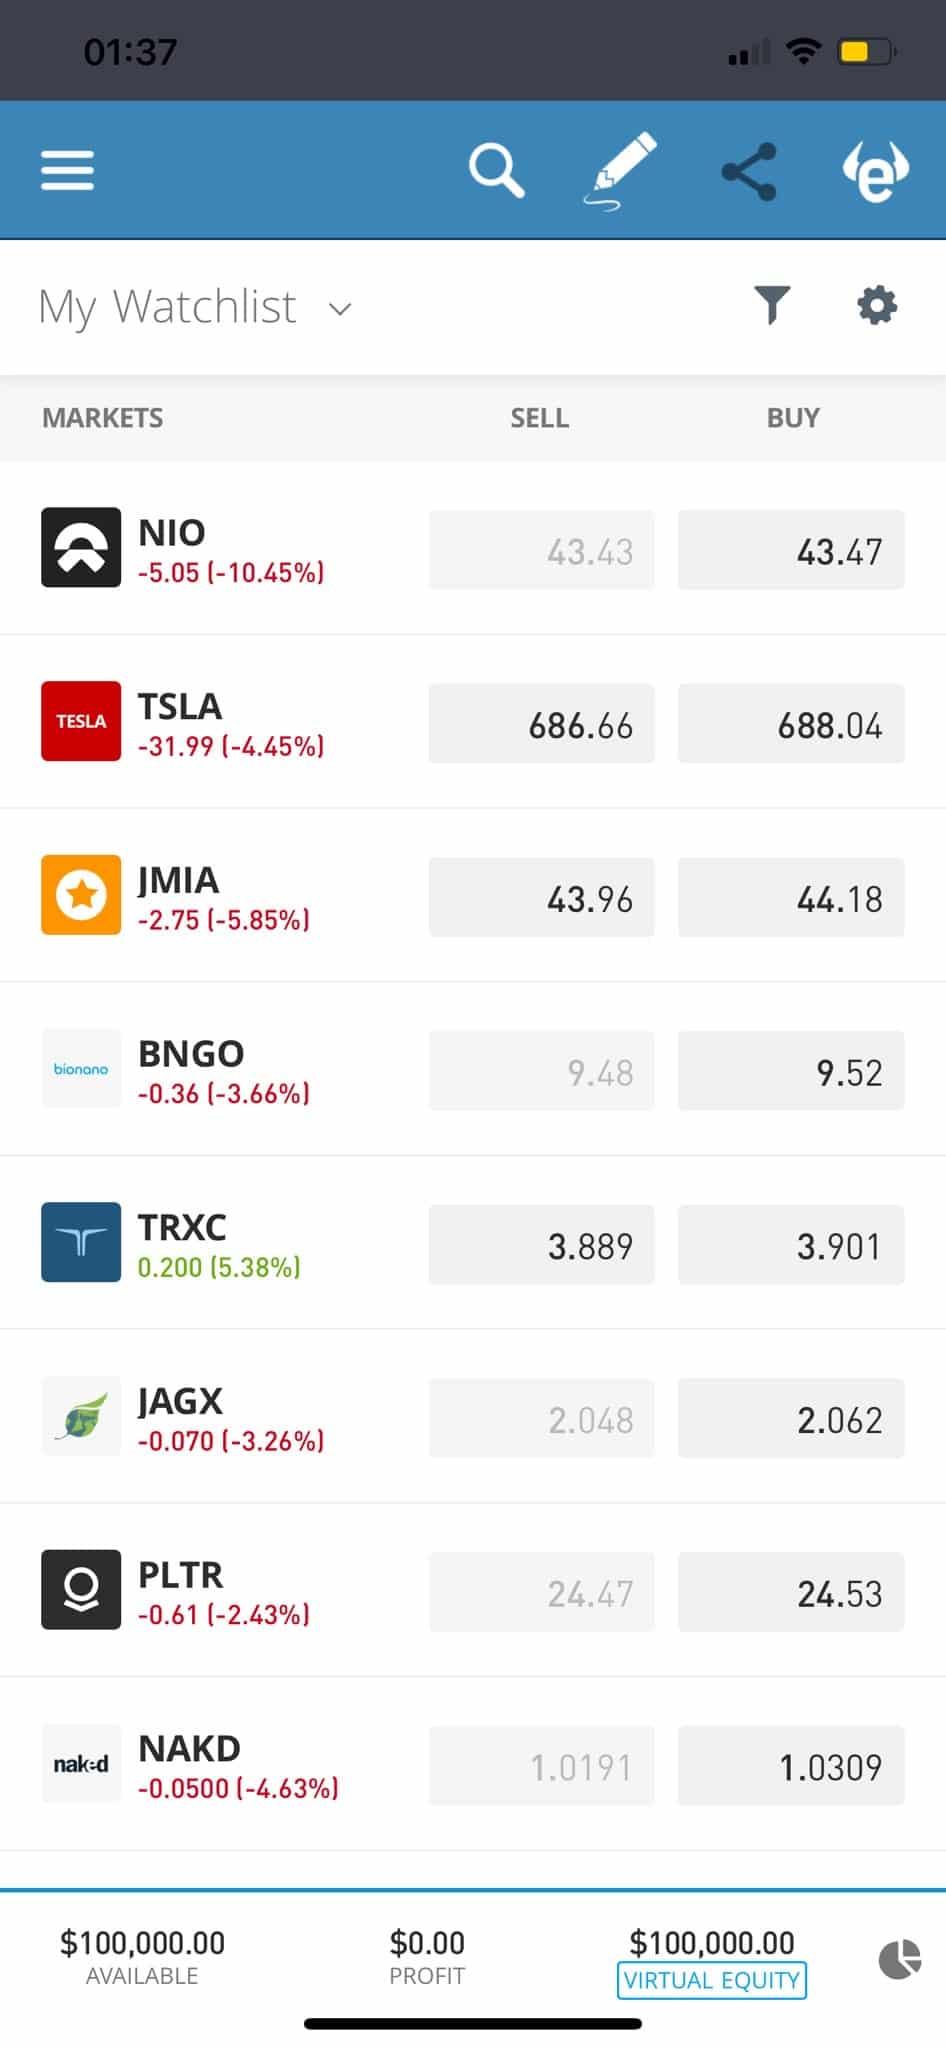 načini za zaradu dionica bitcoina koja trgovina dionica aplikacija ima kriptovalute